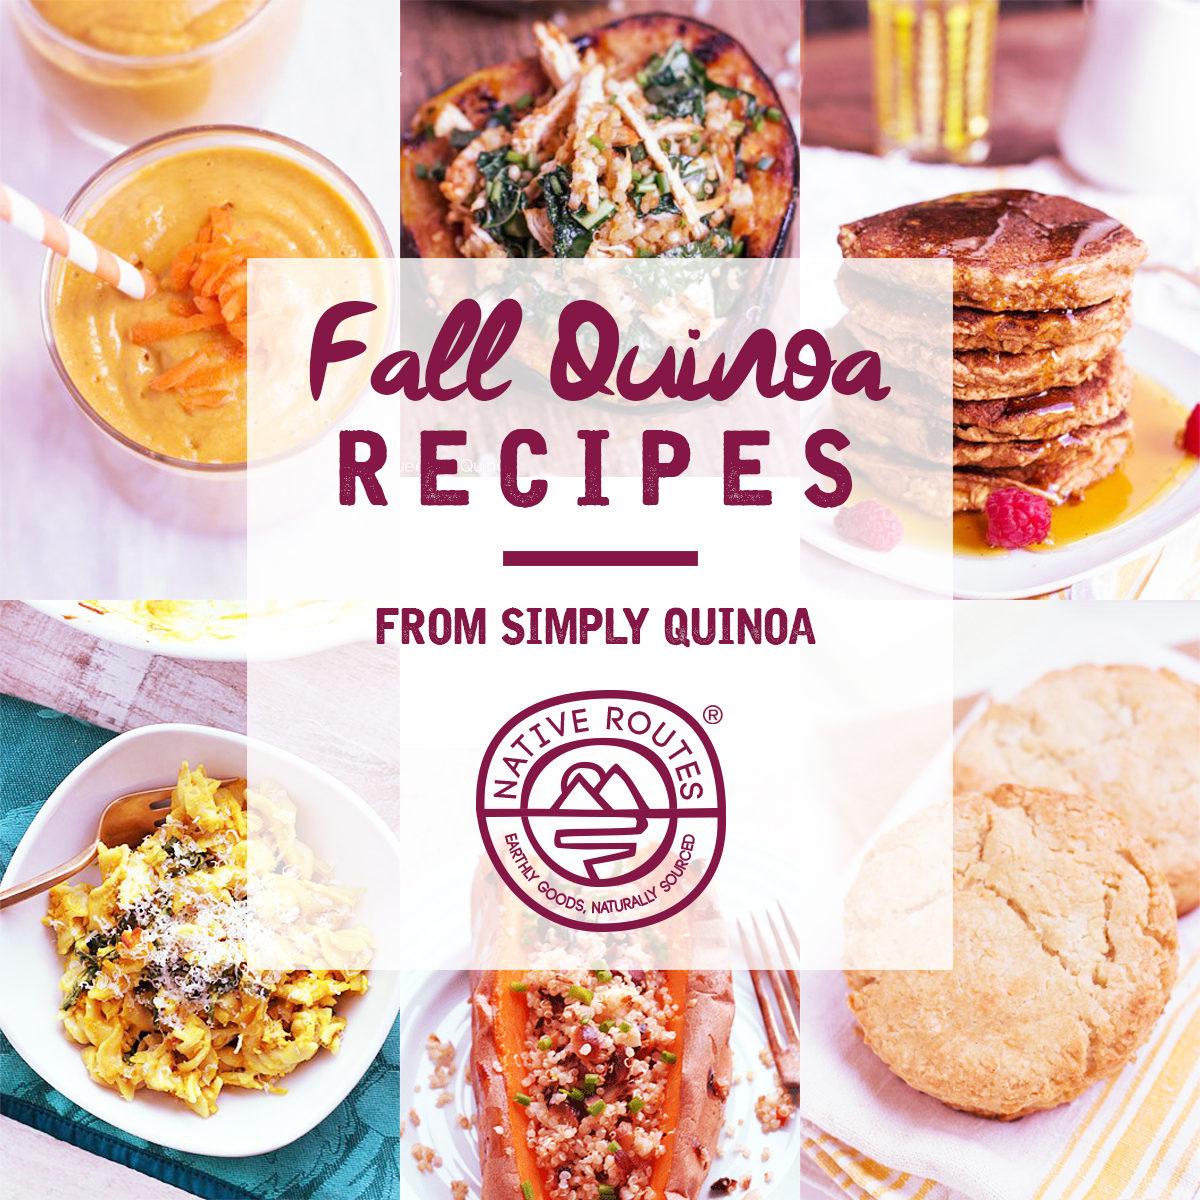 Fall Quinoa Recipes